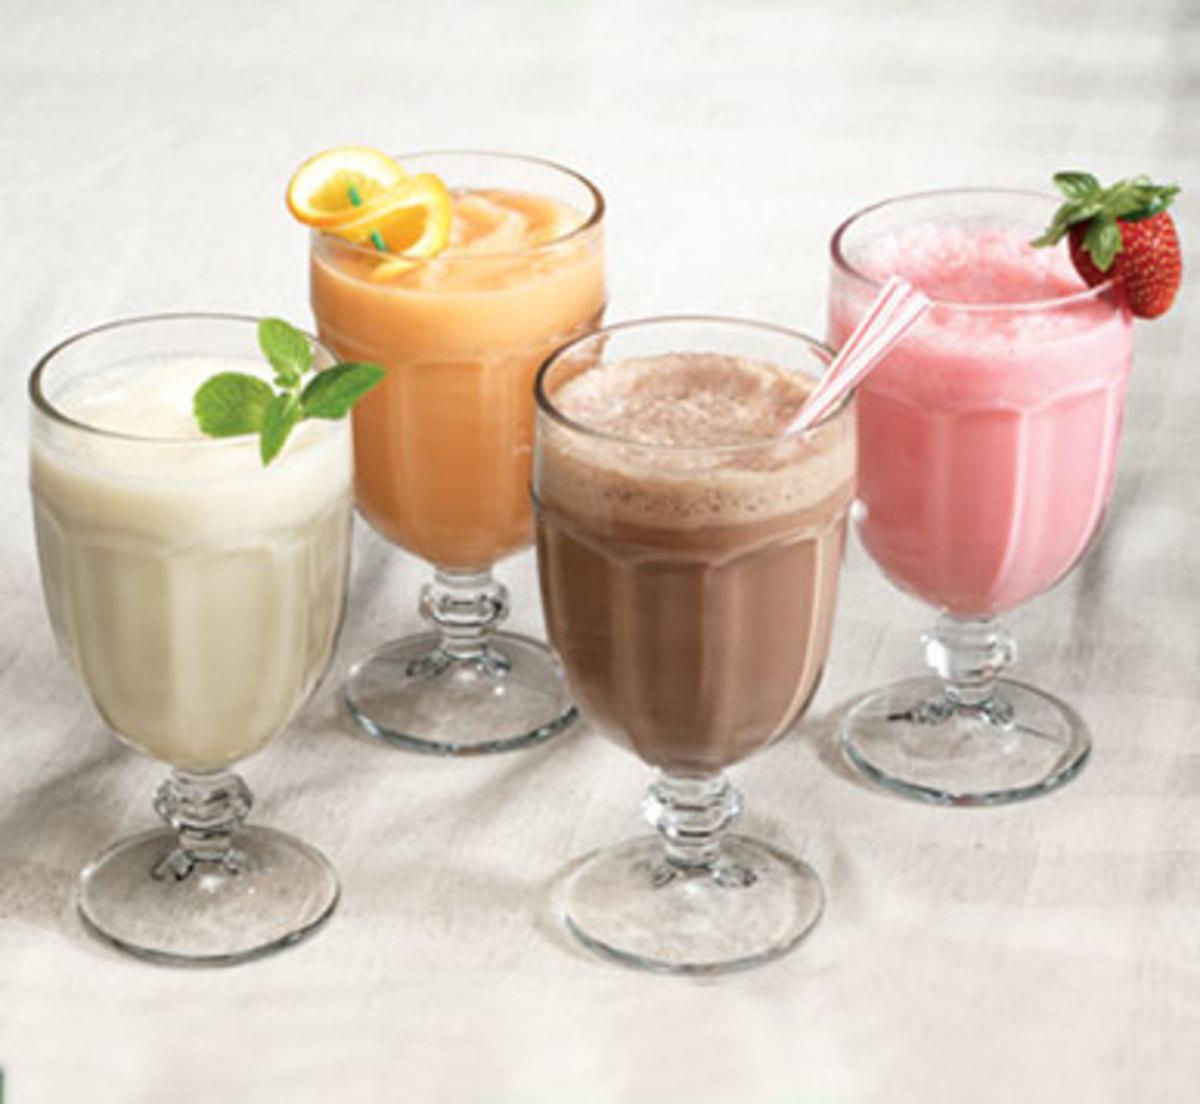 Medifast shakes